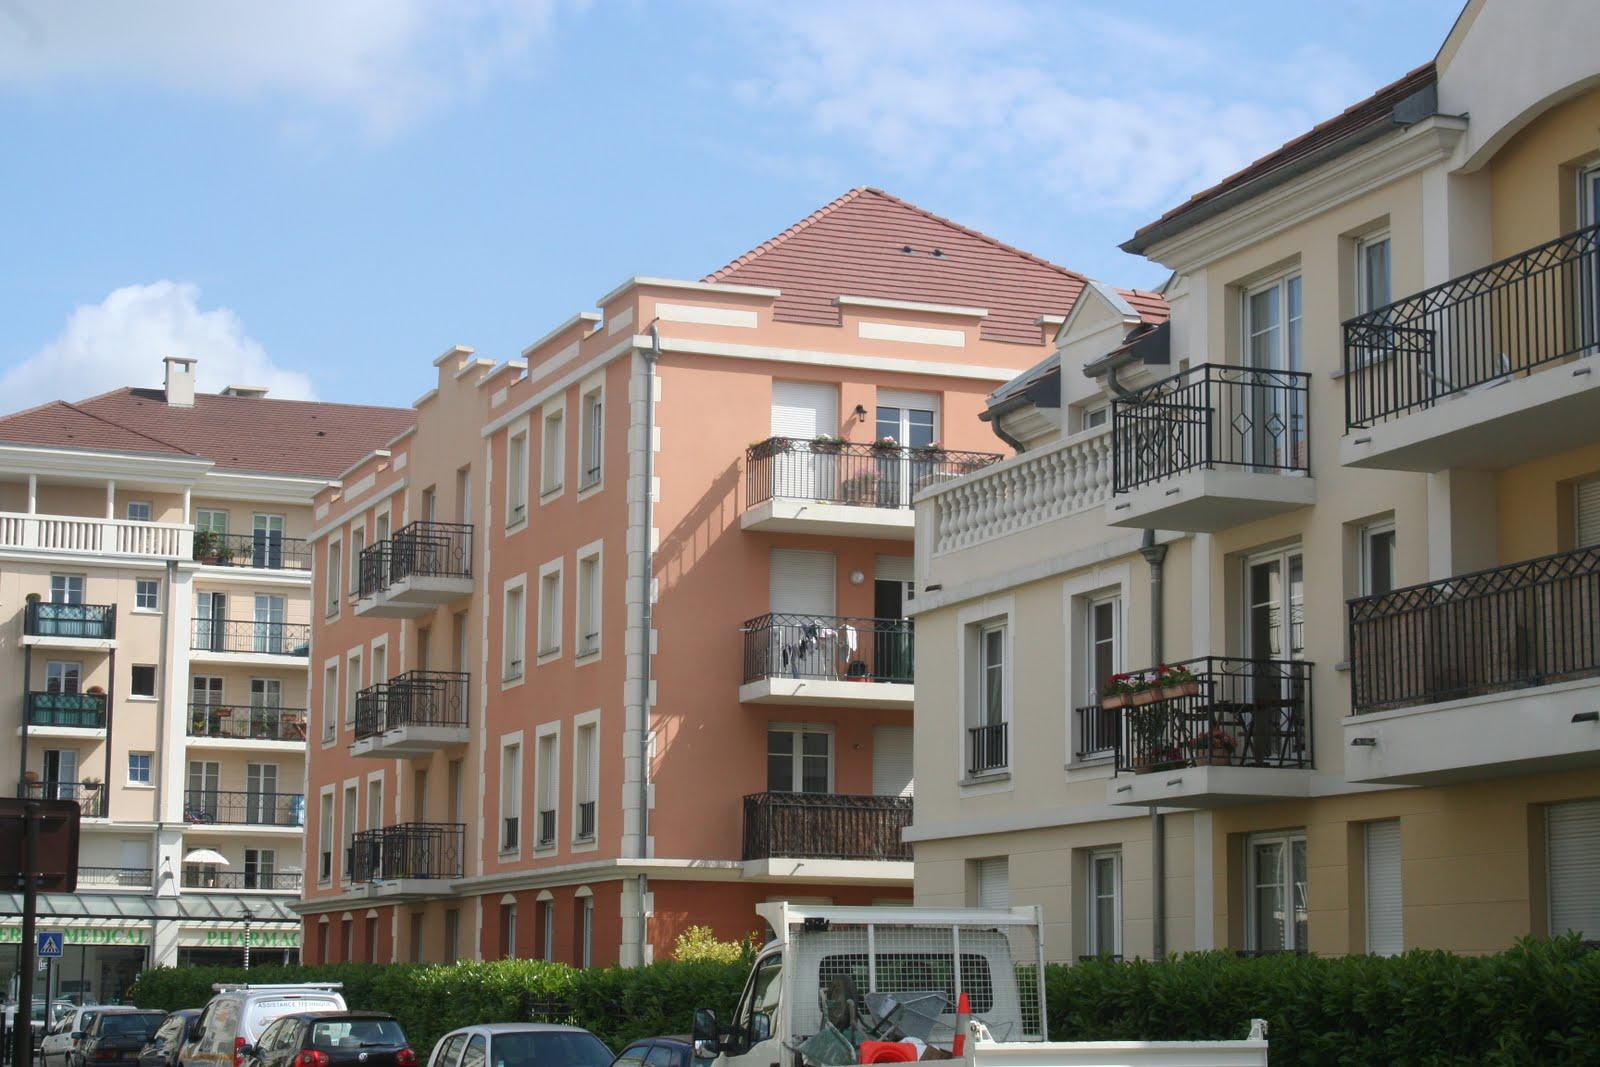 L 39 immobilier en c te d 39 ivoire for Logement immobilier